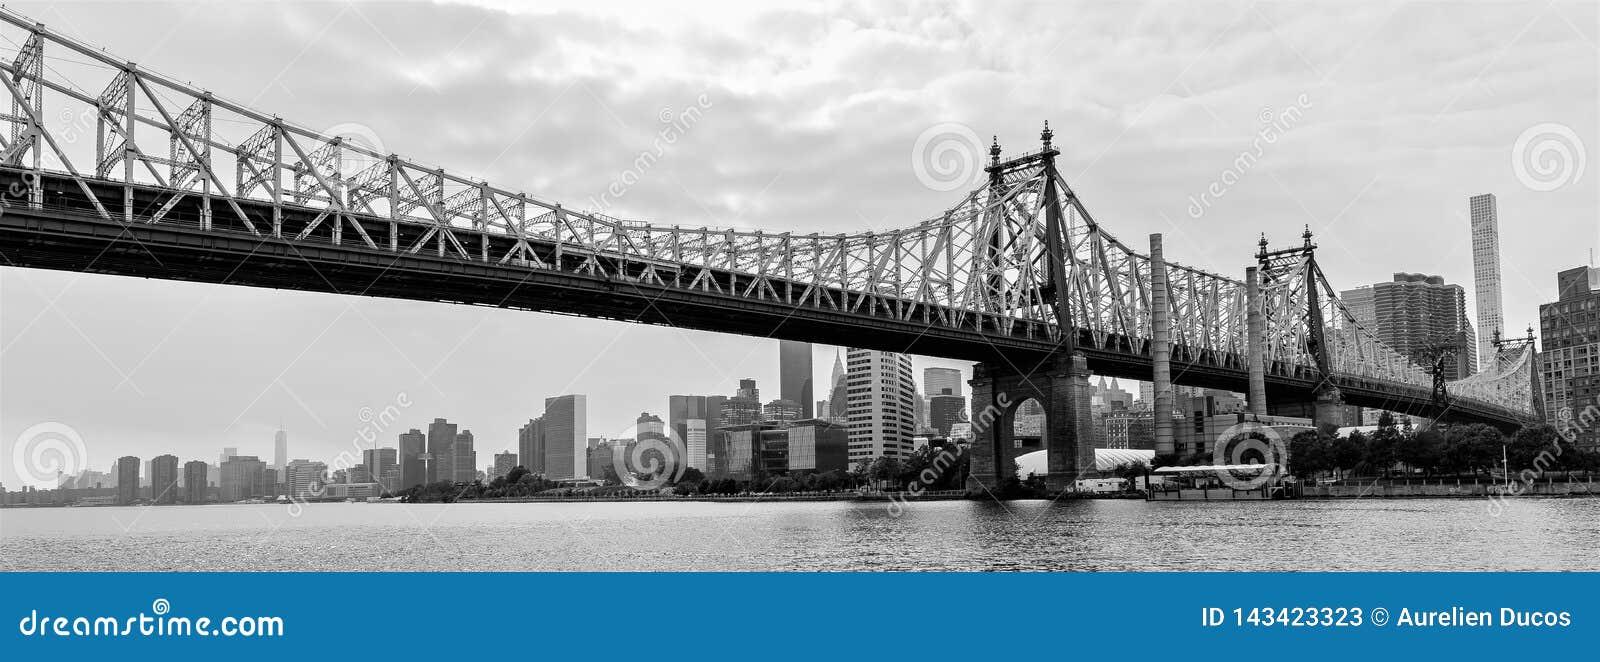 Γέφυρα των ΕΔ Koch Queensboro από τις βασίλισσες, πόλη της Νέας Υόρκης, ΗΠΑ